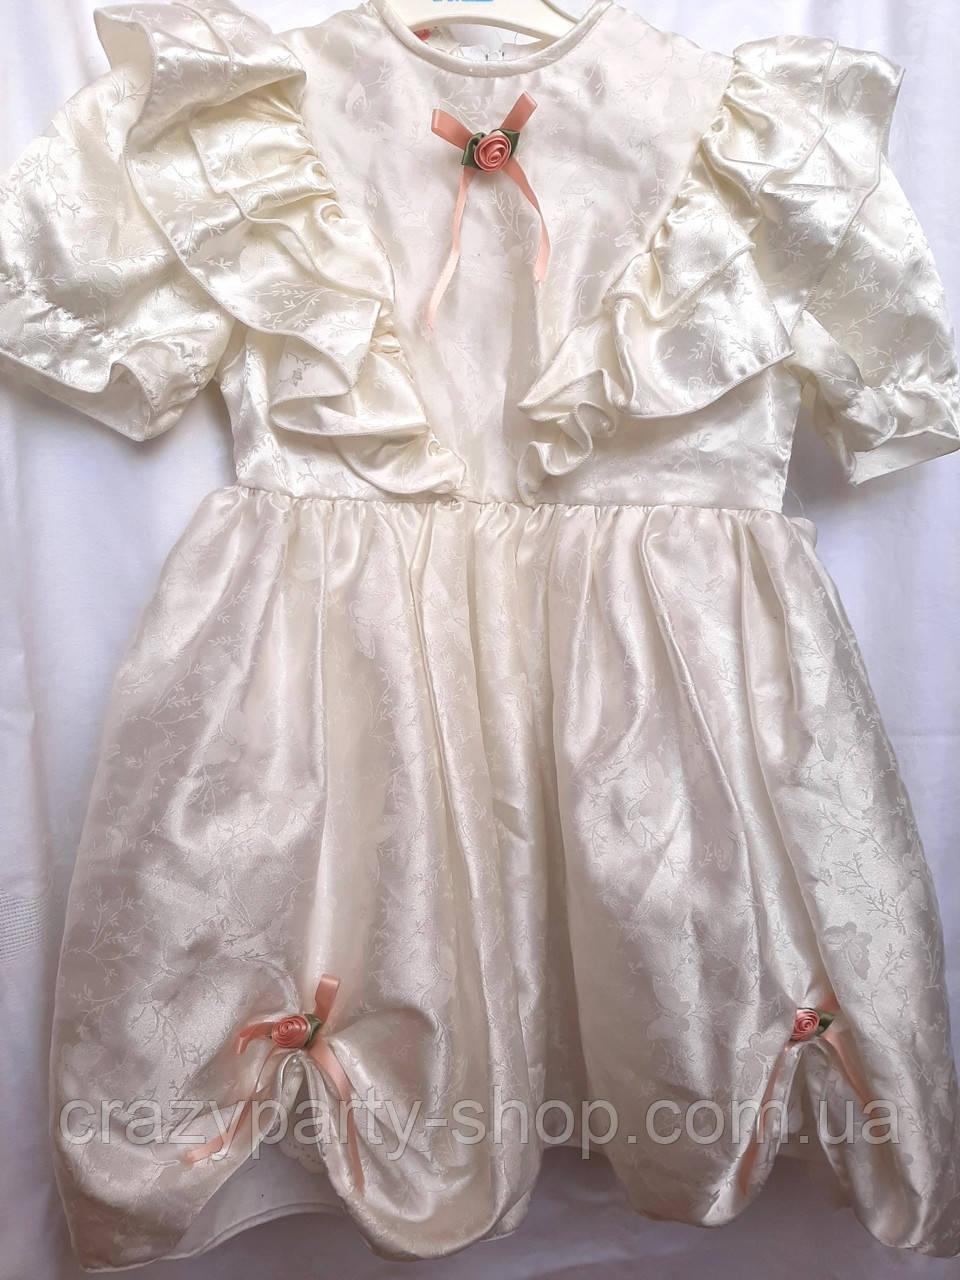 Нарядное платье рост 92см  б/у